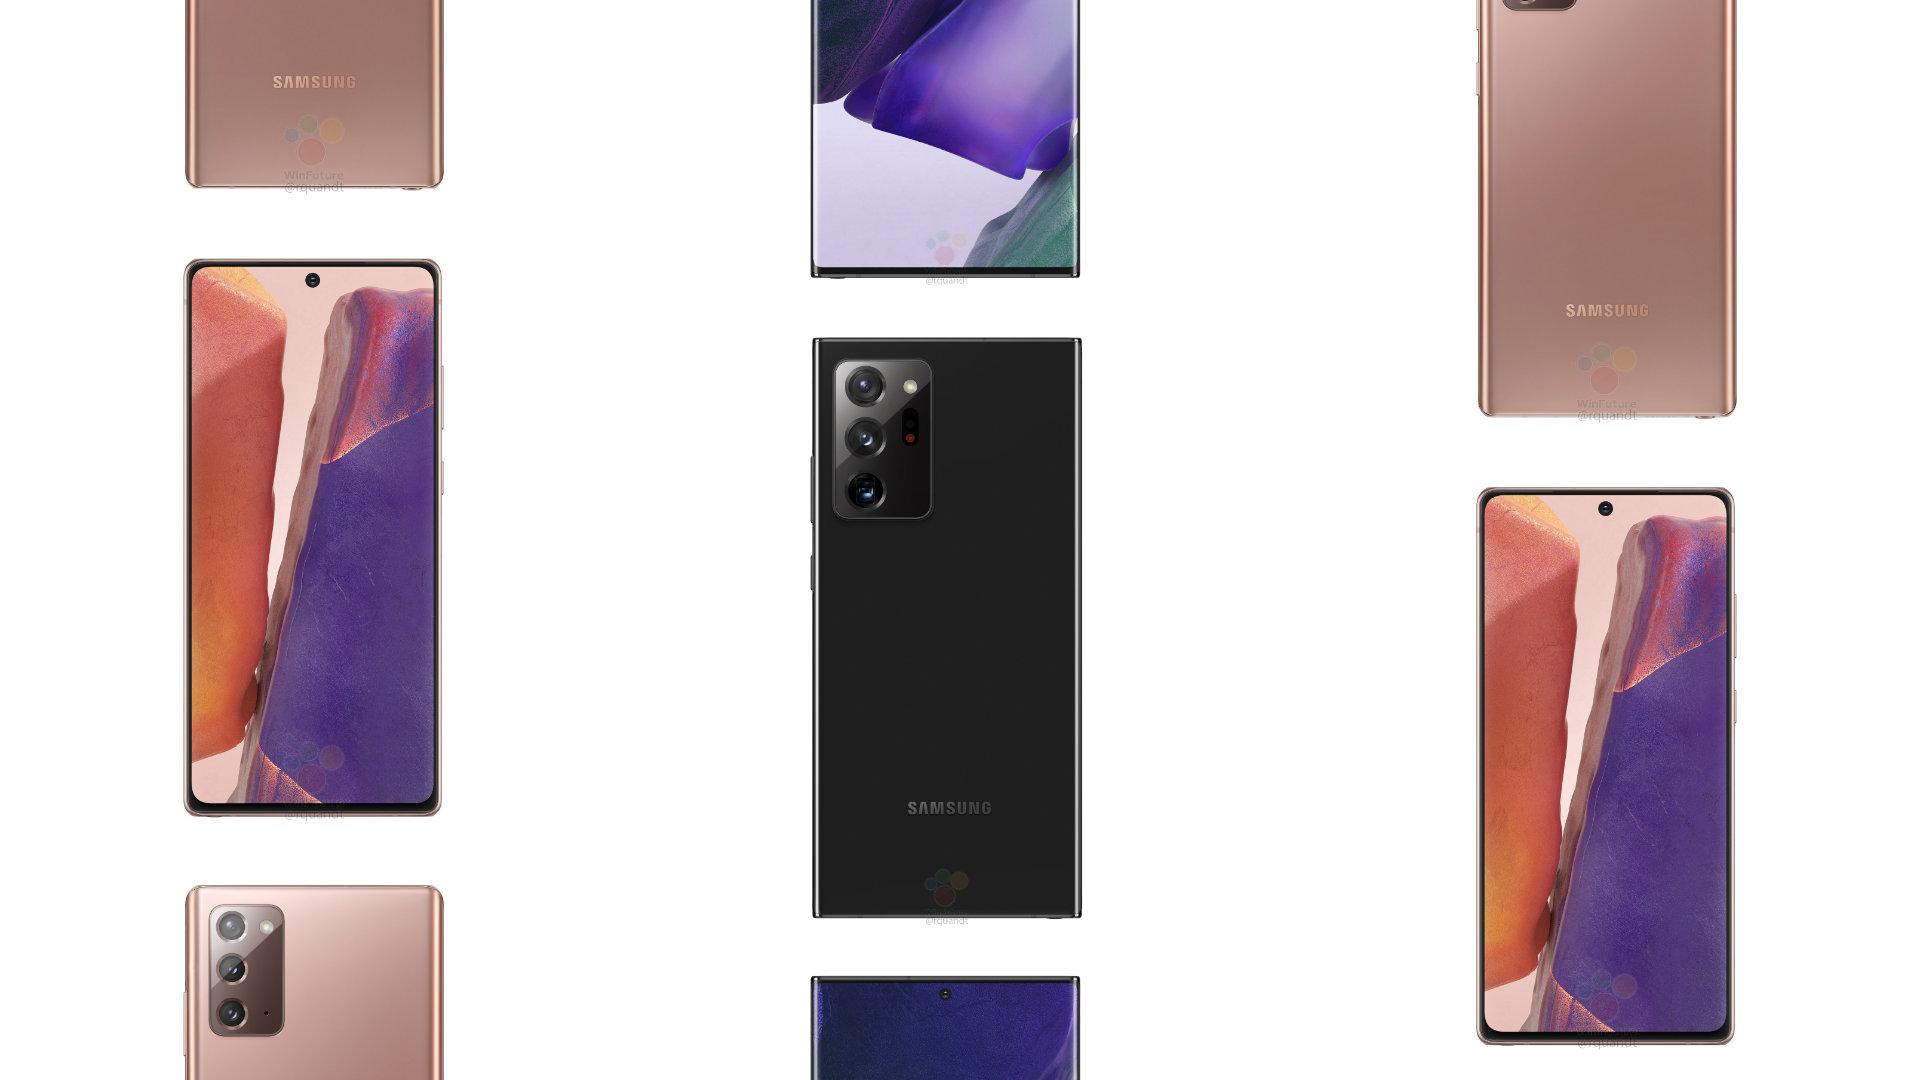 Samsung Galaxy Note20 et Note20 Ultra: design, caractéristiques, date, prix et tout ce que l'on sait